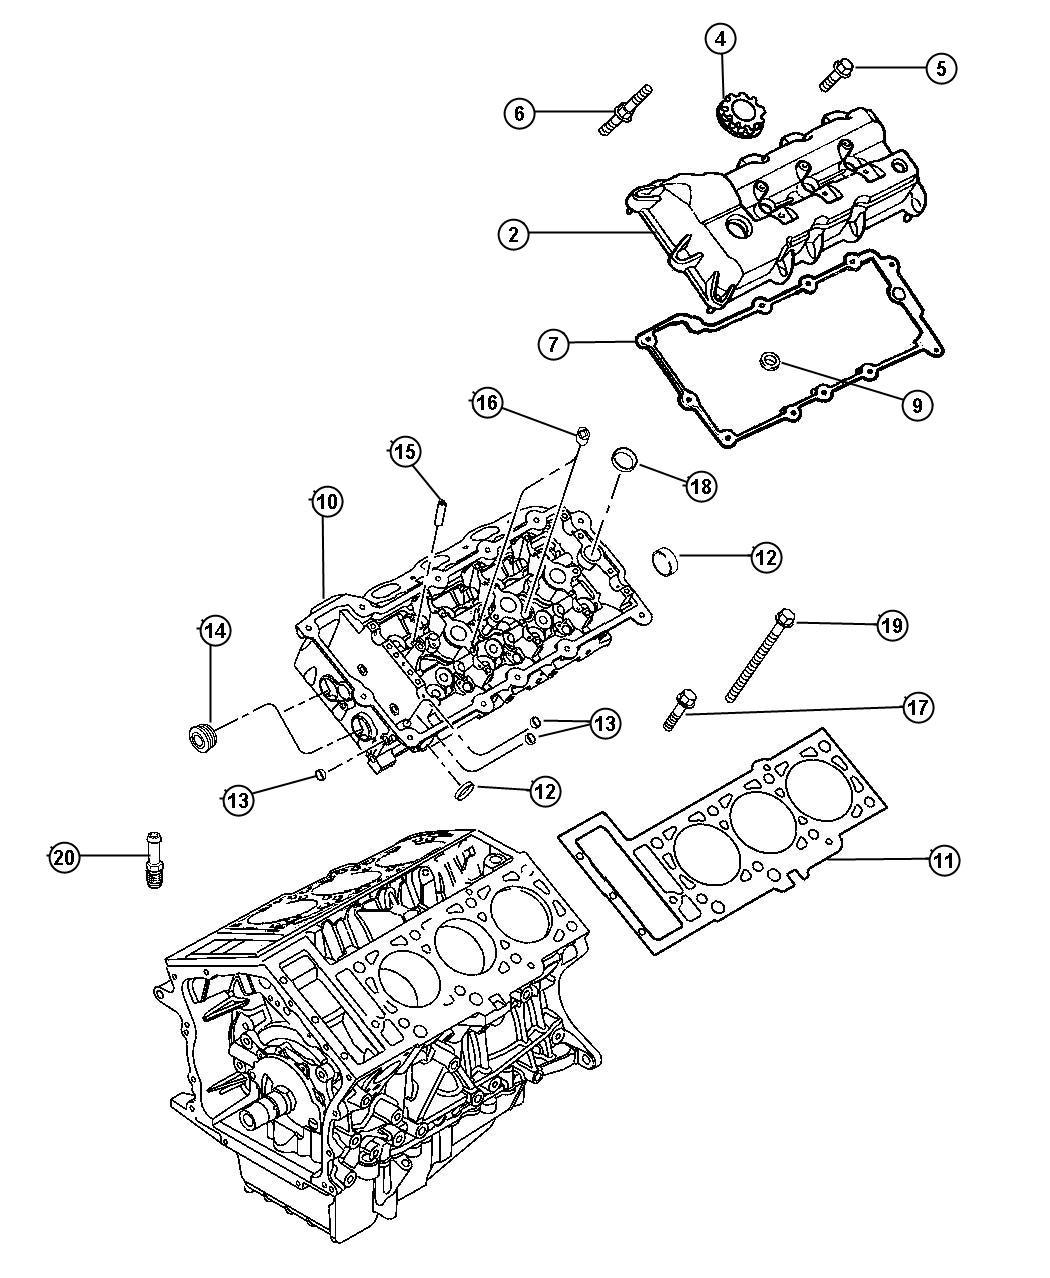 Chrysler Sebring Nipple. Crankcase vent. Cylinder, engine